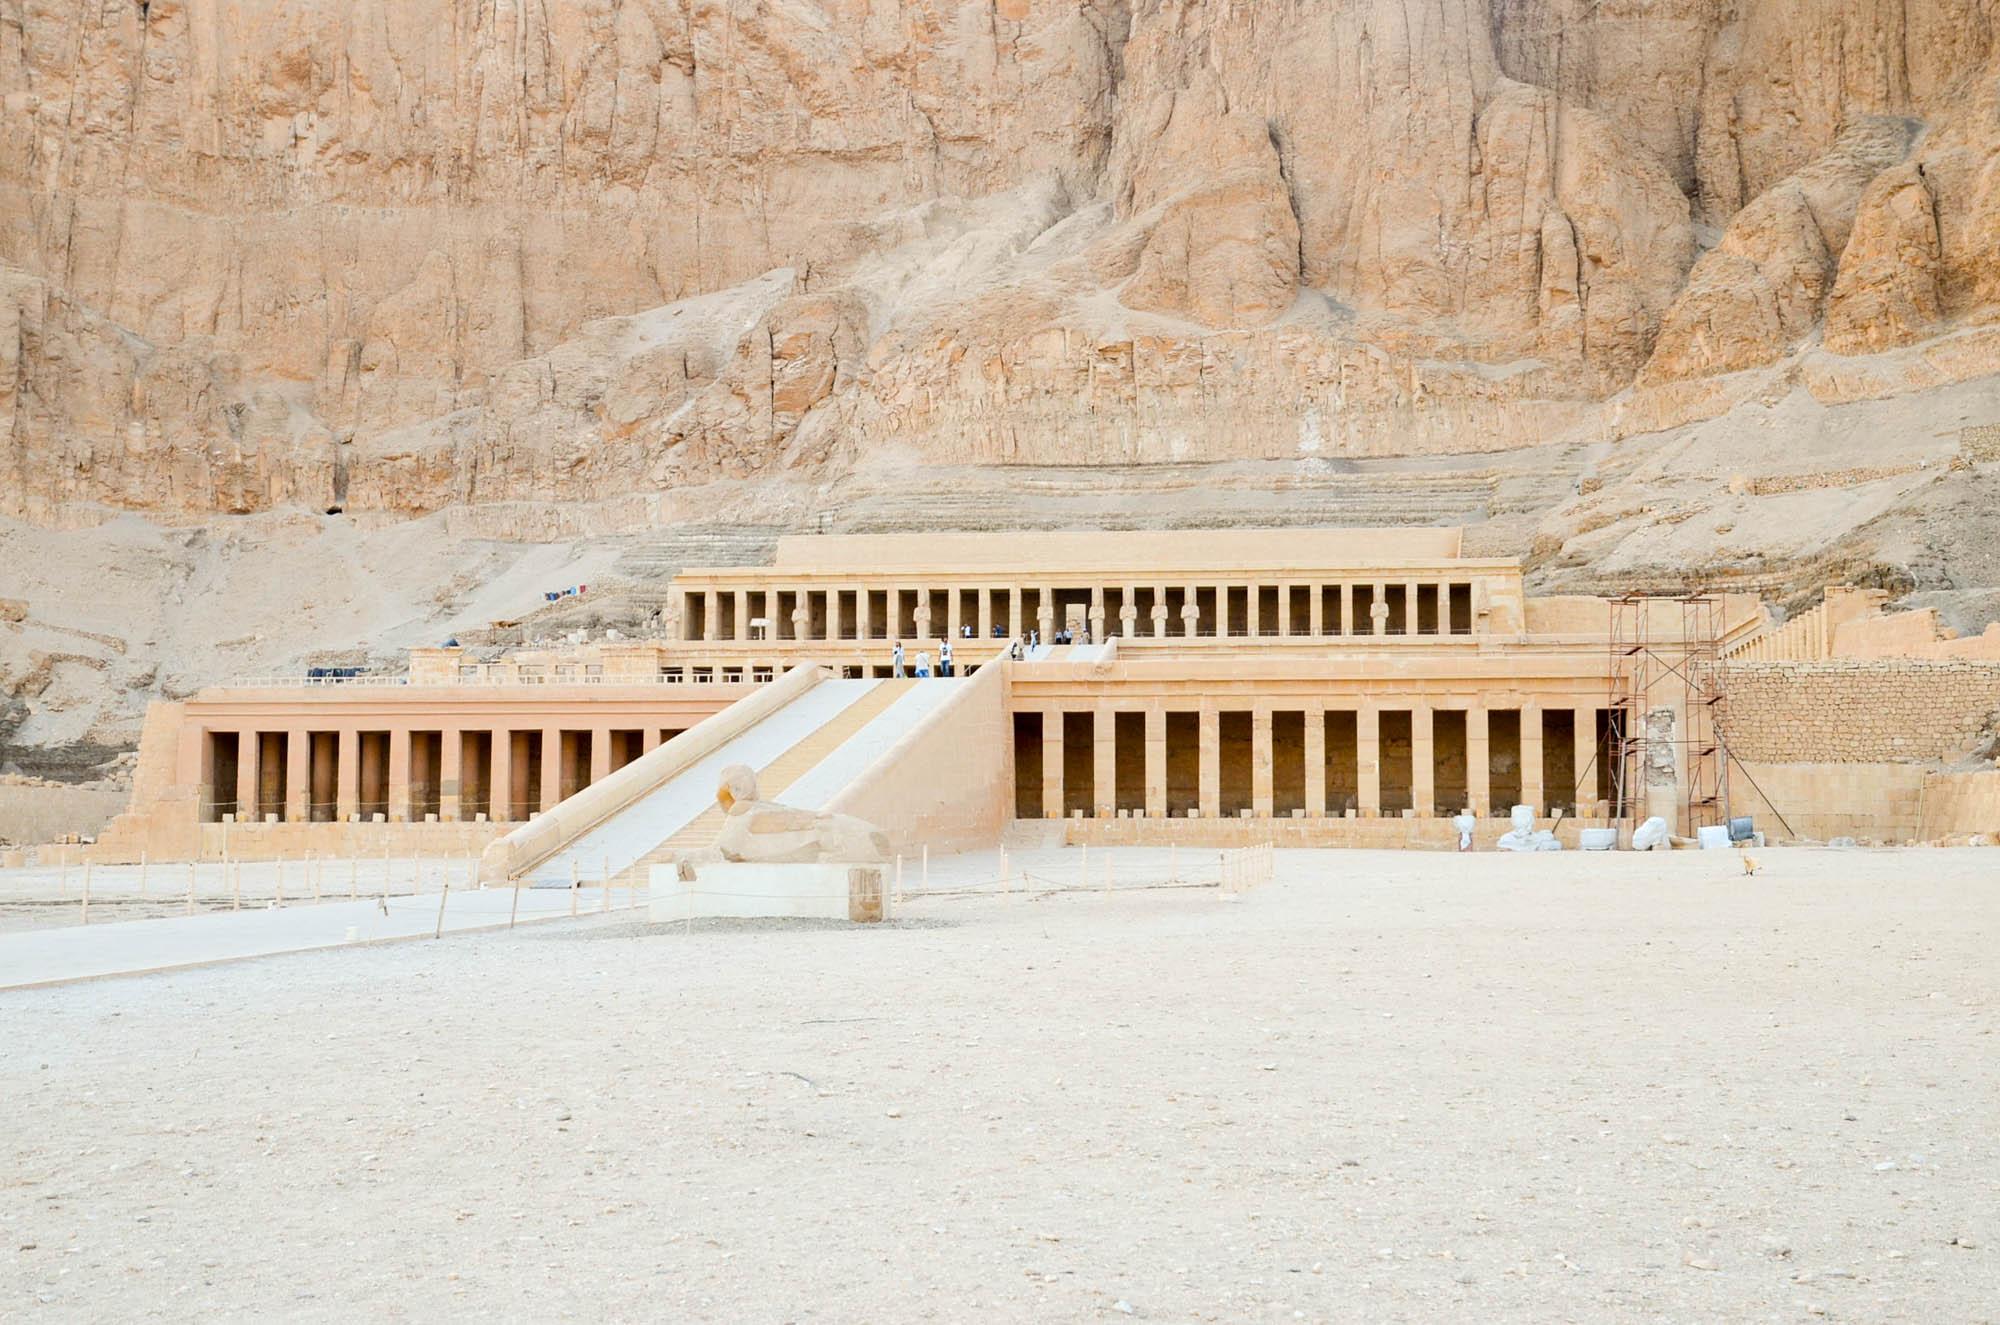 Der Totentempel der Hatschepsut am Westufer des Nils in Theben aus der 18. Dynastie um 1460 v. Chr. liegt am Fuße einer imposanten Felswand. Er wird derzeit von Archäologen restauriert. Foto: Matthieu Götz